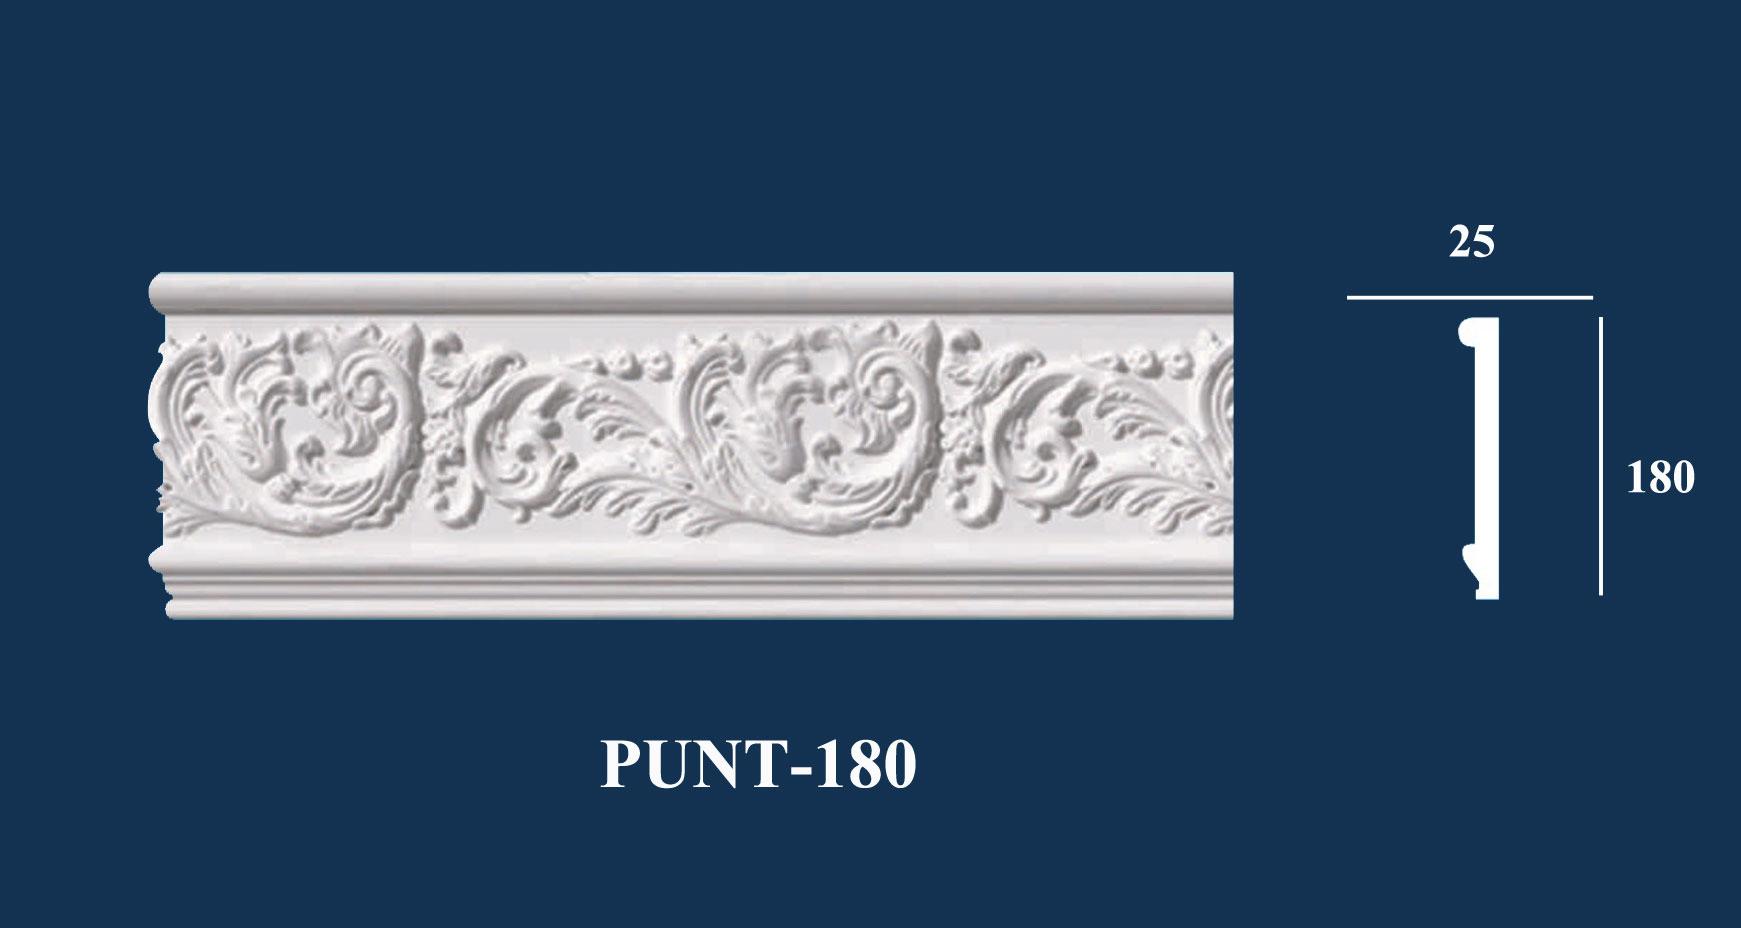 Chỉ Nẹp Hoa Văn Trang Trí - PUNT-180